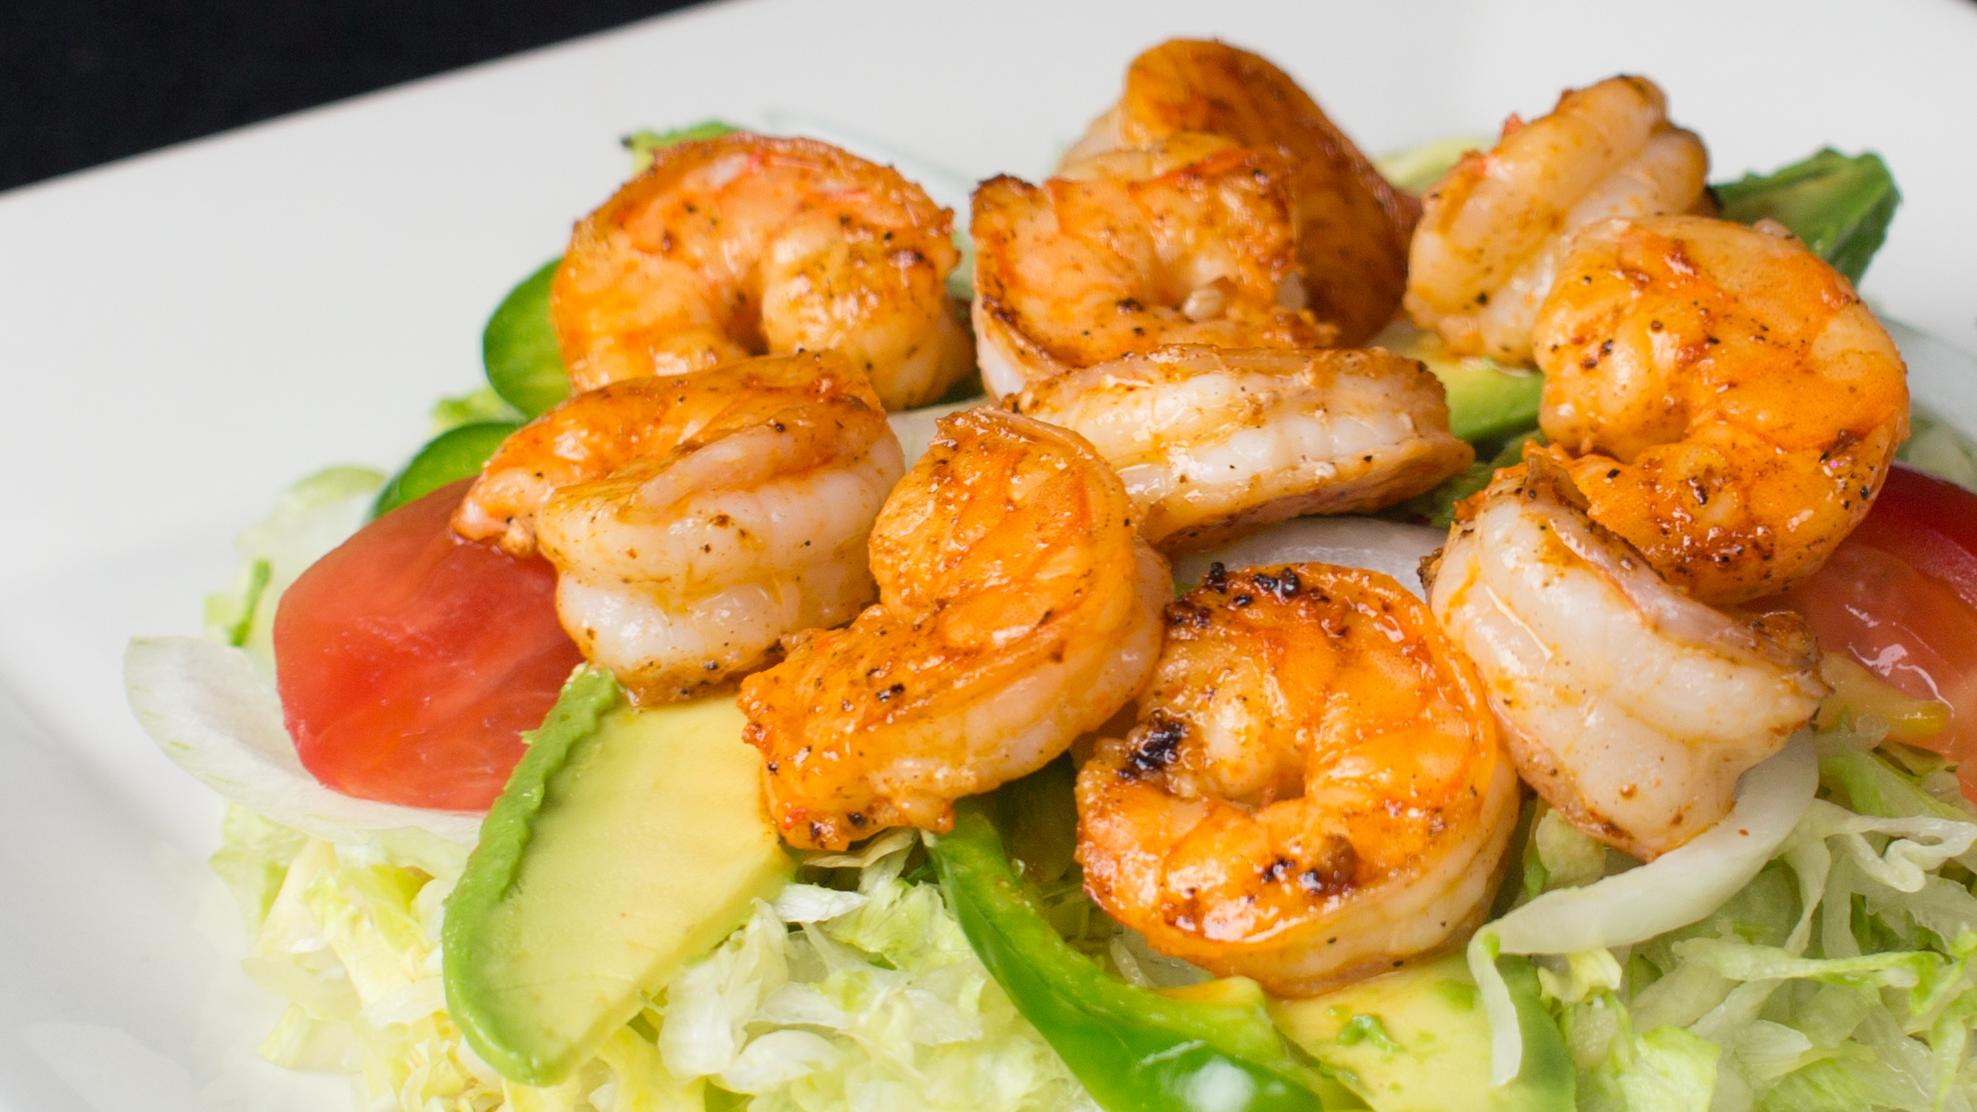 Cancun Salad